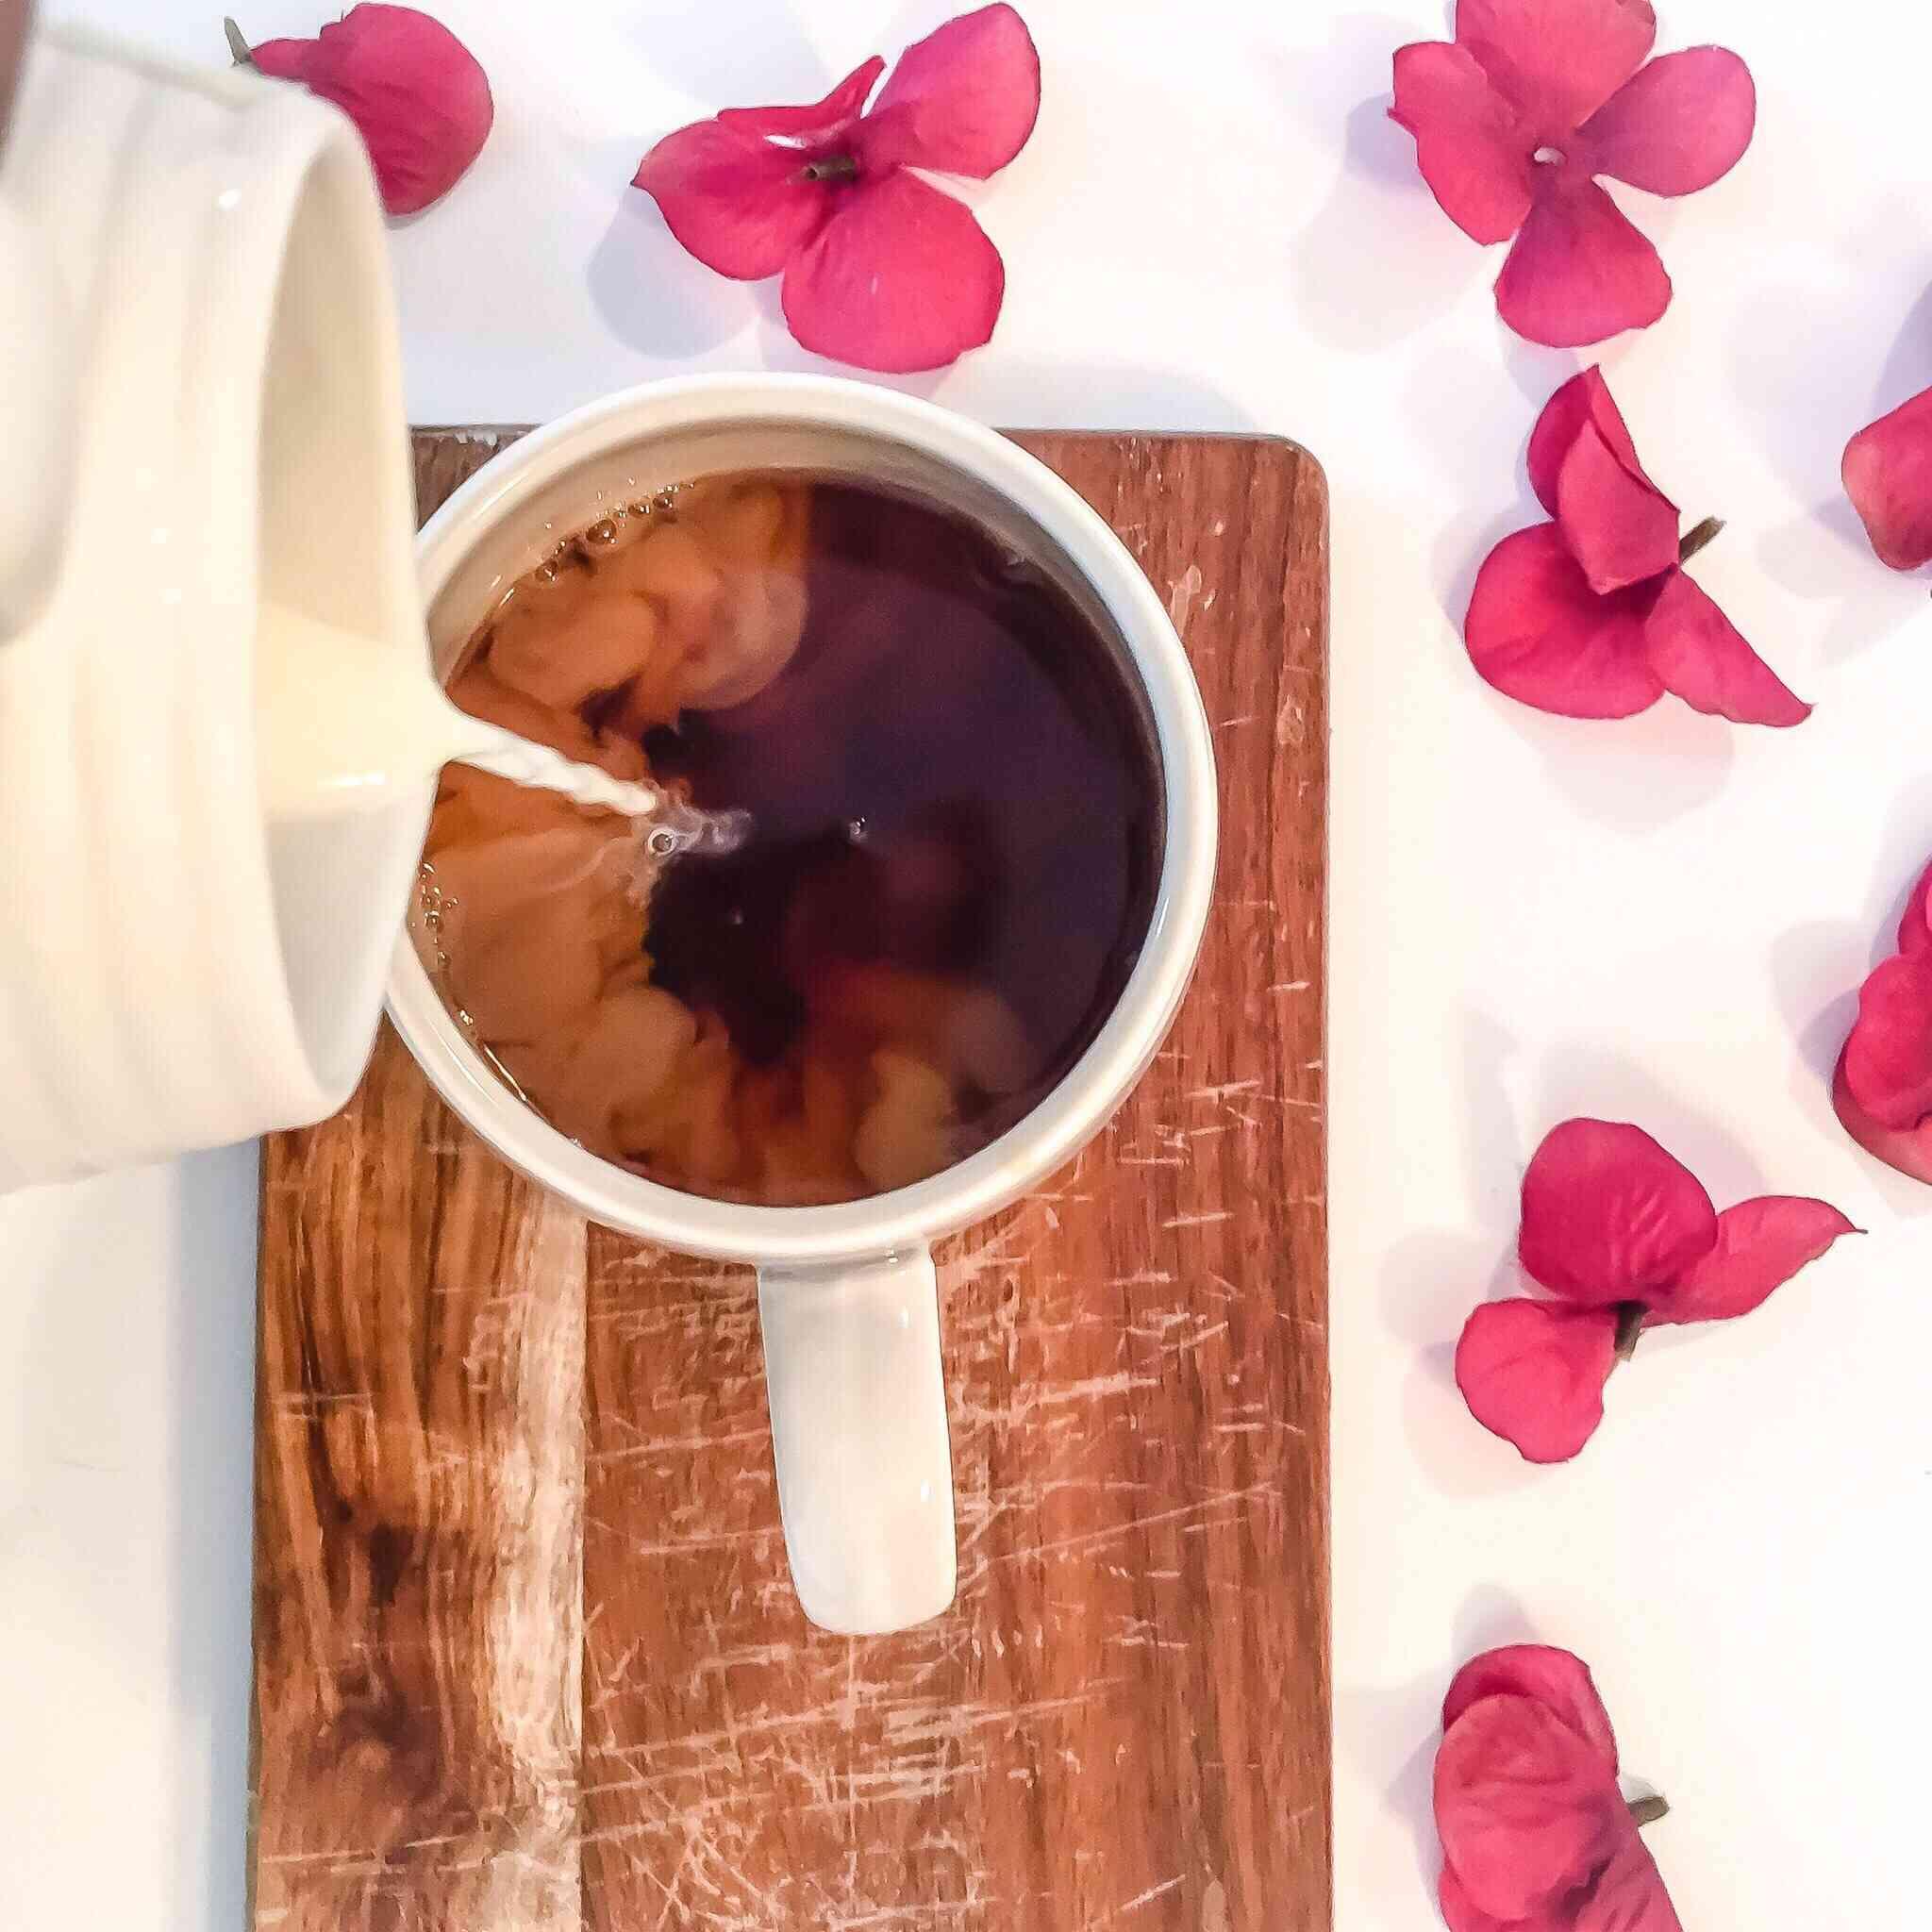 Agregando leche al té o cafe